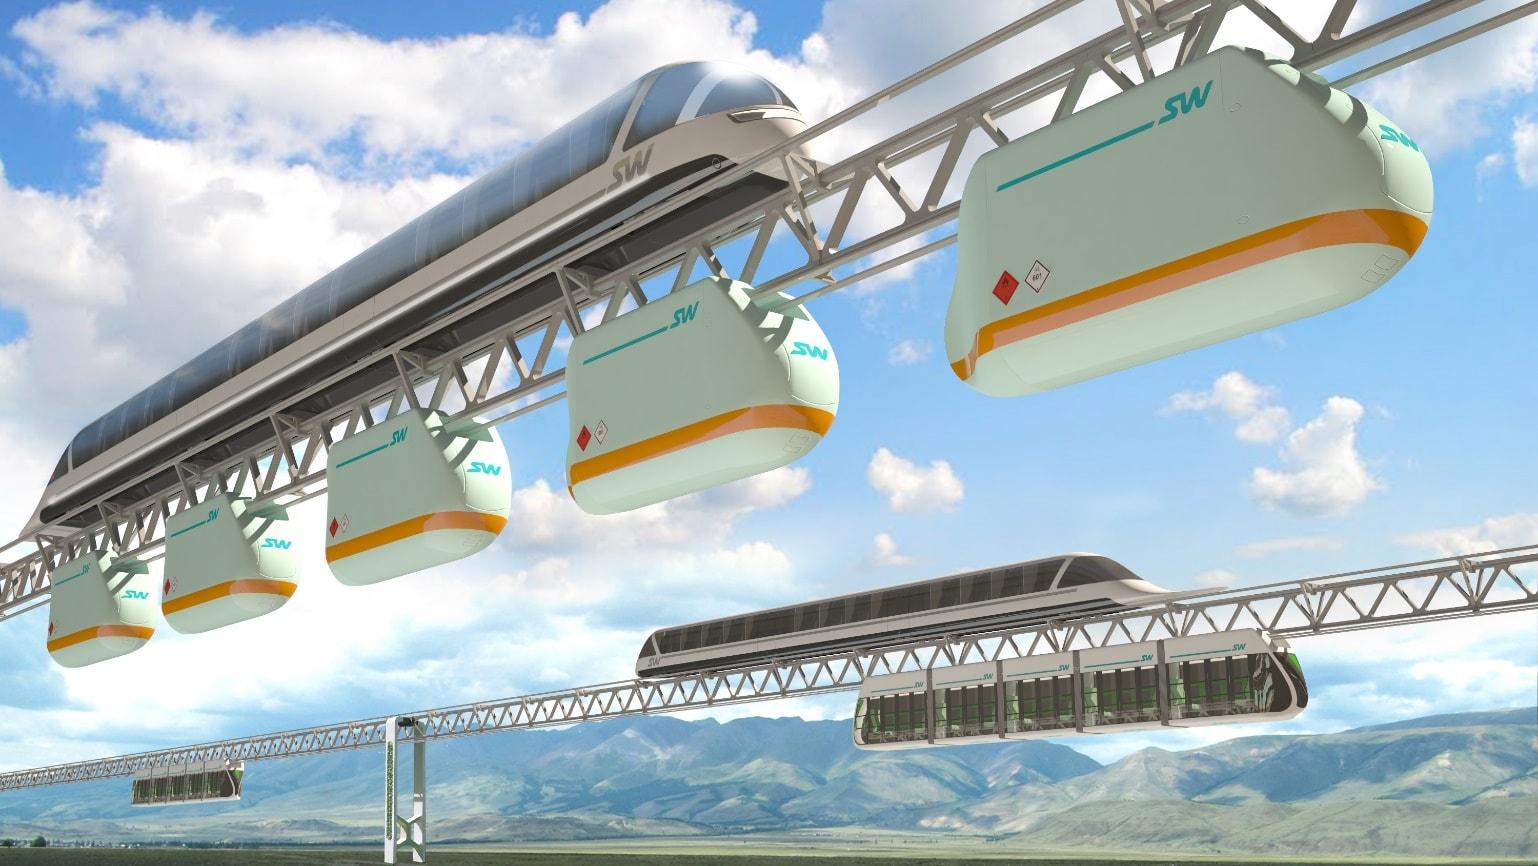 Рис. 8. Эстакада SkyWay – грузовой, высокоскоростной и городской варианты подвижного состава